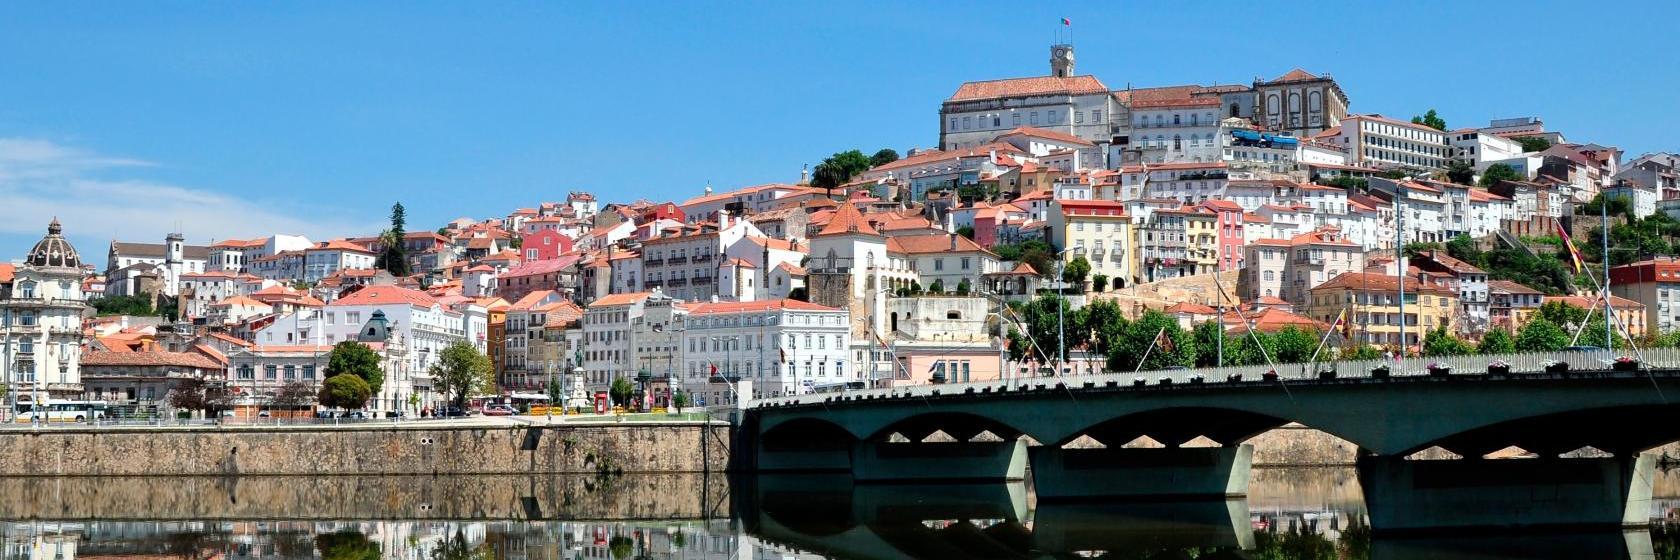 pt-central - ポルトからコインブラまでバス移動 - 旅ログポルトガル, ポルトガル宿